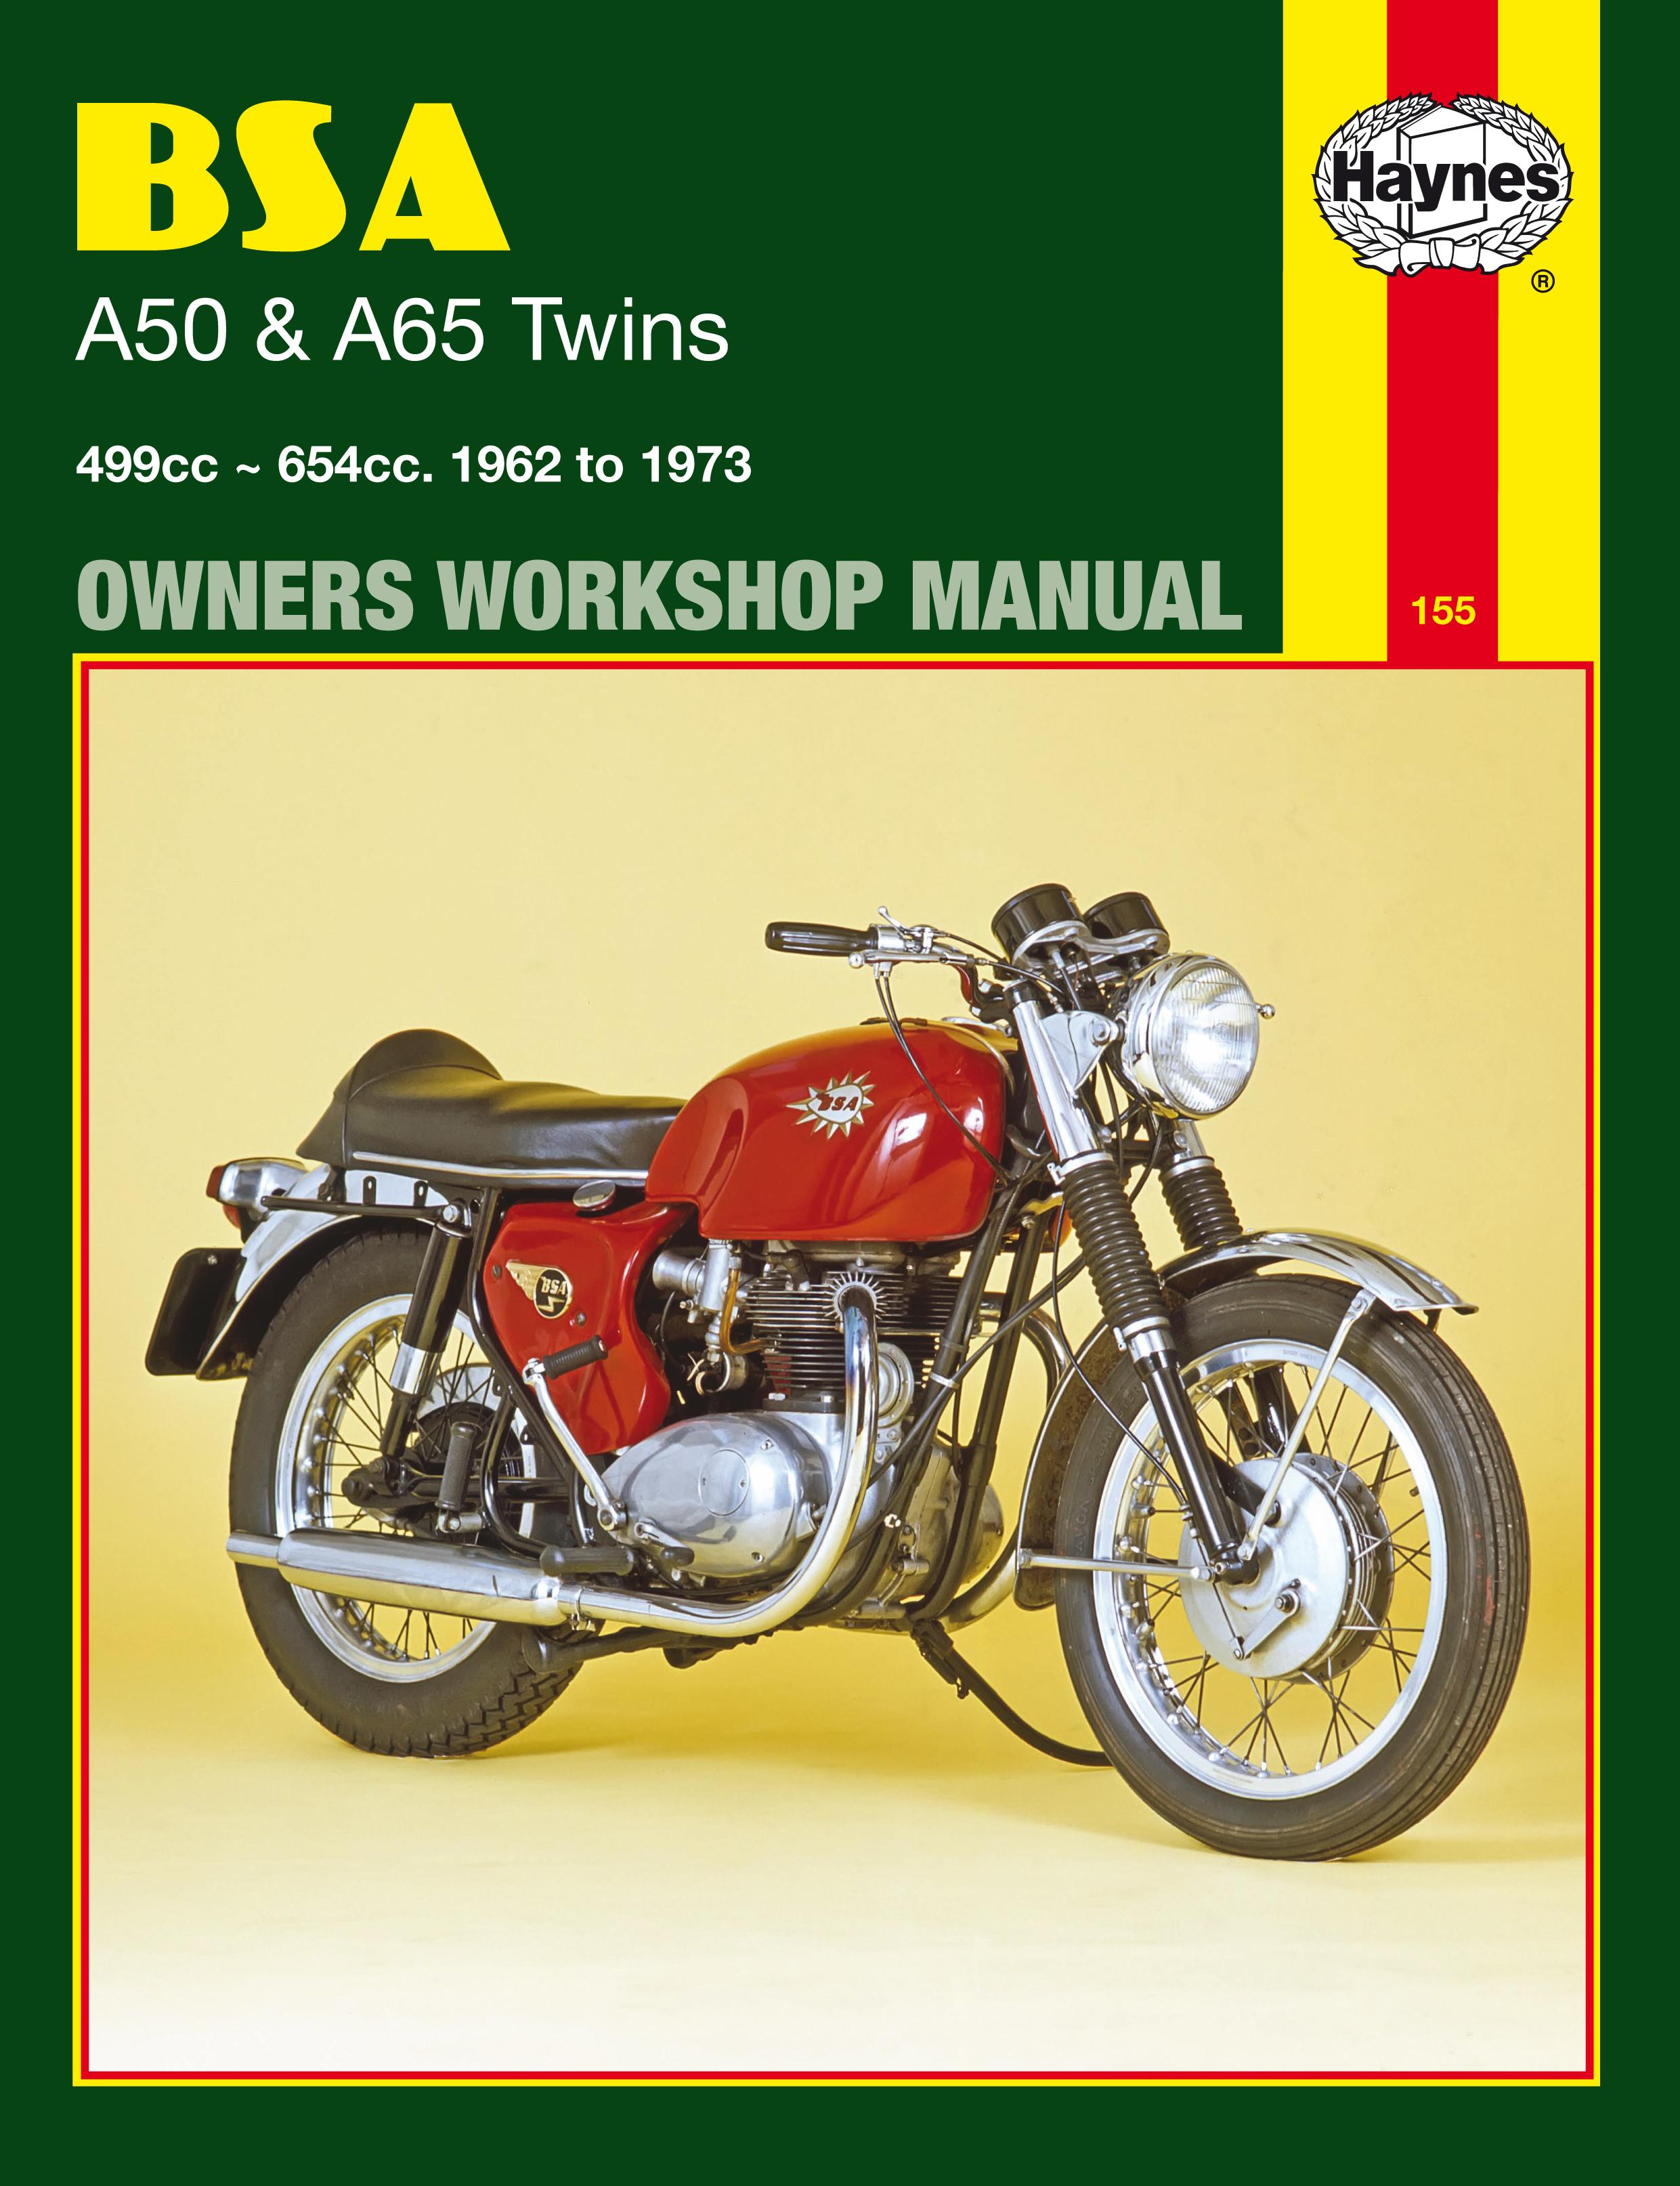 BSA A50C Cyclone Haynes Manual 0155 Service & Repair Manuals Car Manuals & Literature